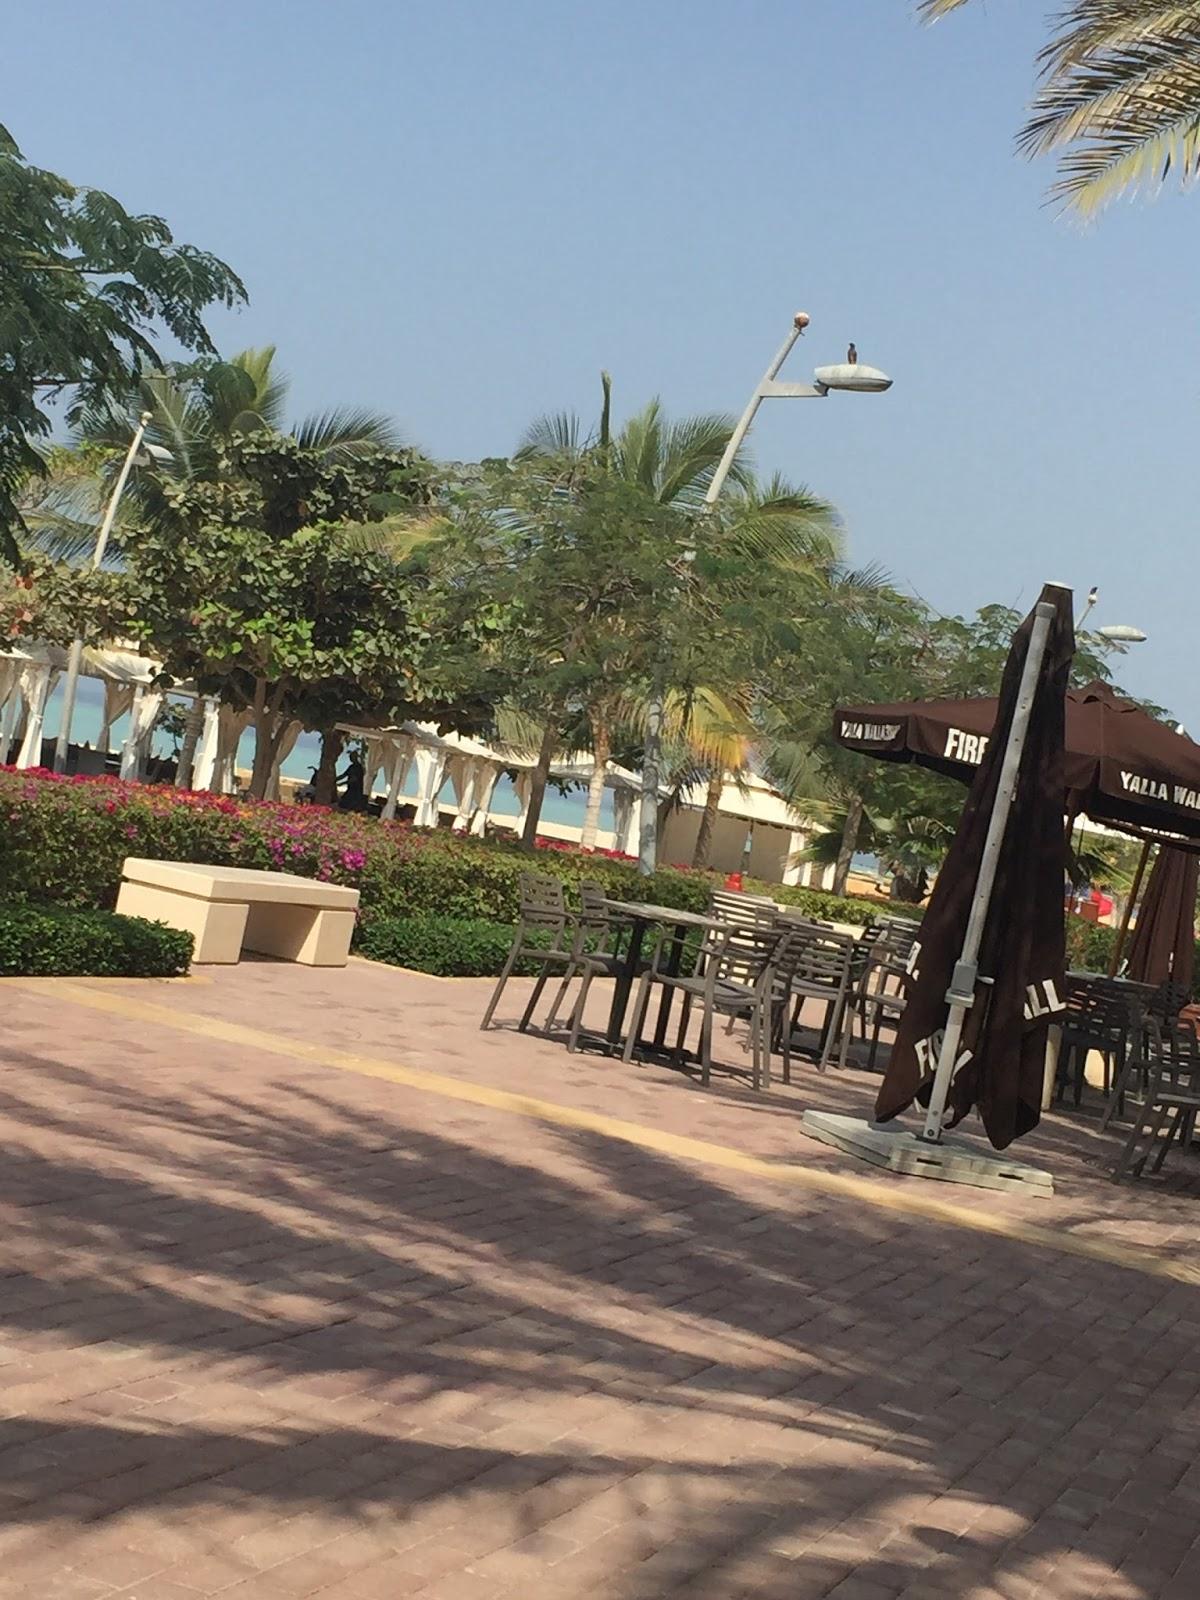 تقرير لمدينة الملك عبدالله الاقتصادية Been S Blog